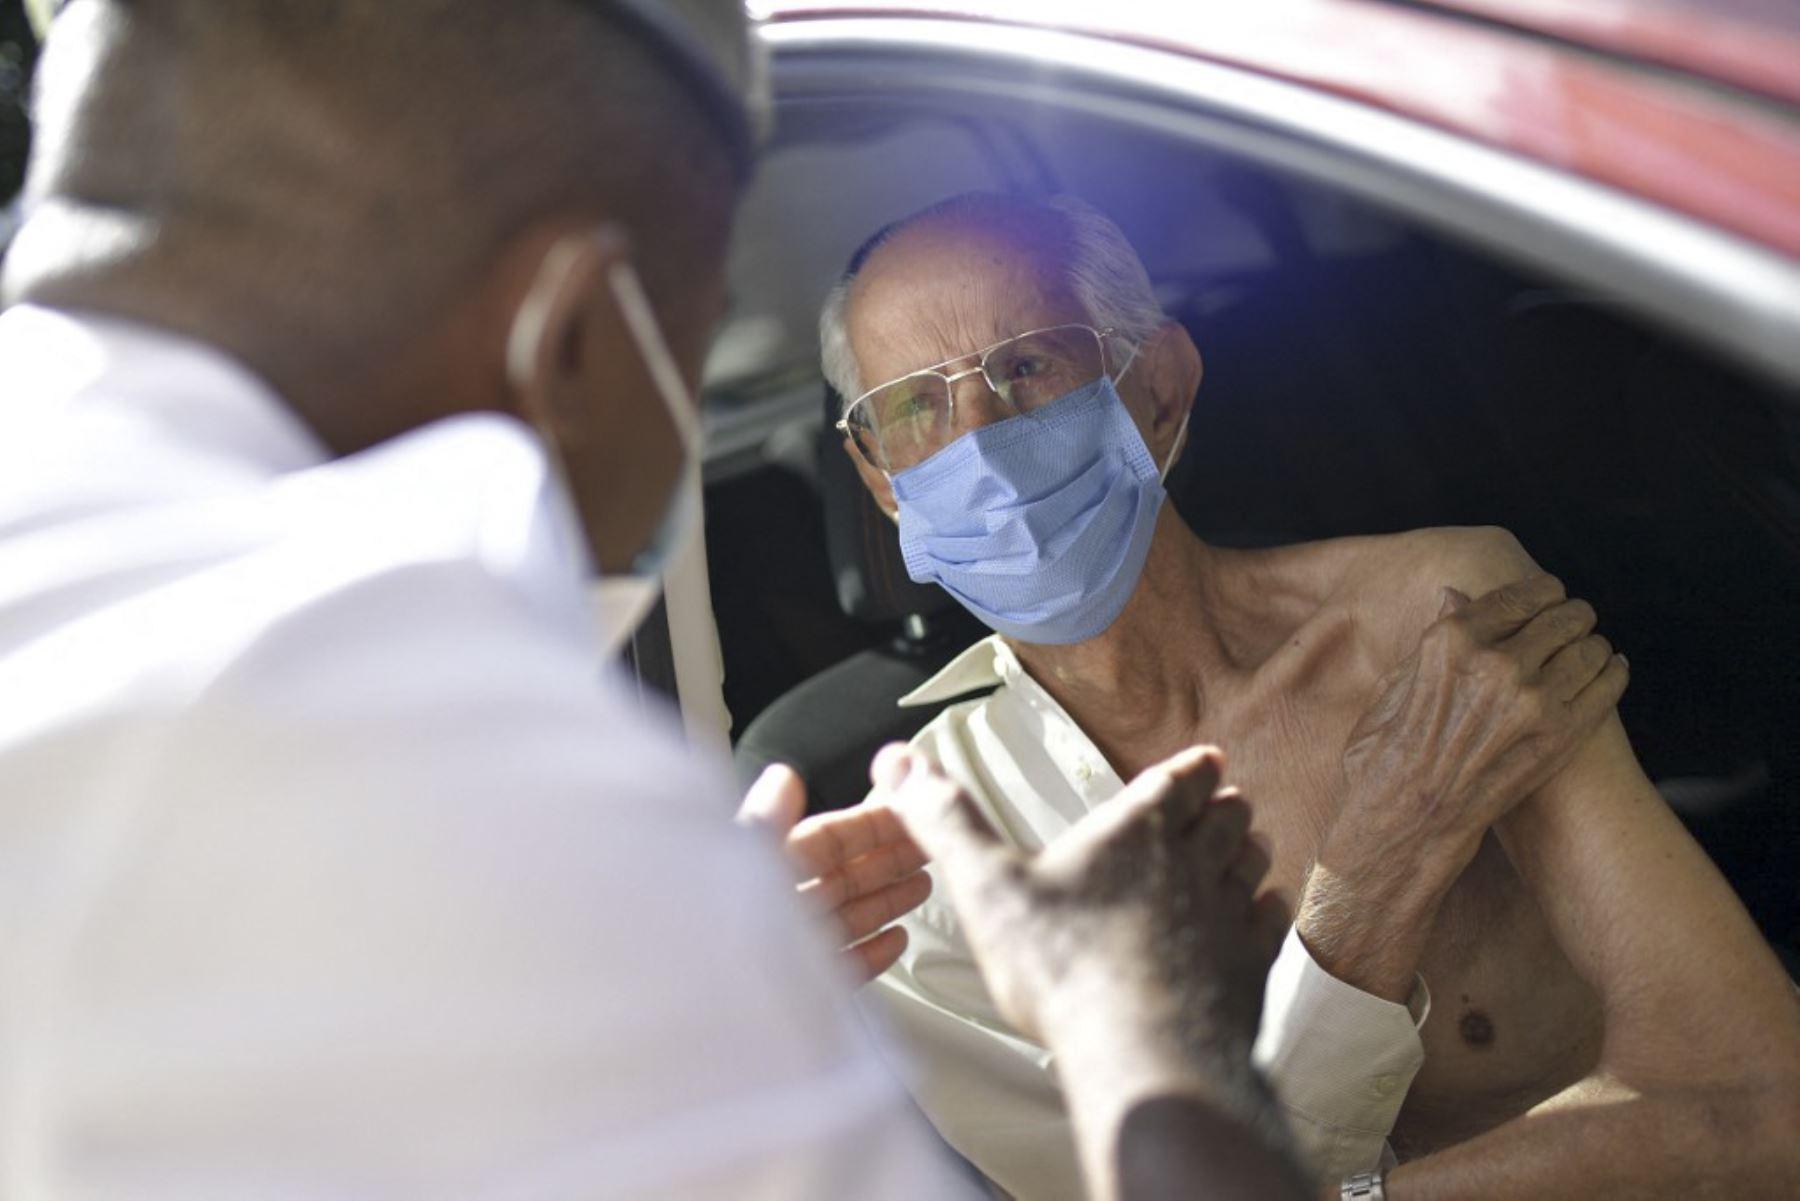 Personal militar del Ejército Brasileño da instrucciones luego de vacunar a un anciano mayor de 89 años, con la segunda dosis de la vacuna AstraZeneca / Oxford contra el nuevo coronavirus, covid-19, en un centro de vacunación drive-through en Belo Horizonte, Estado de Minas Gerais, Brasil. Foto: AFP